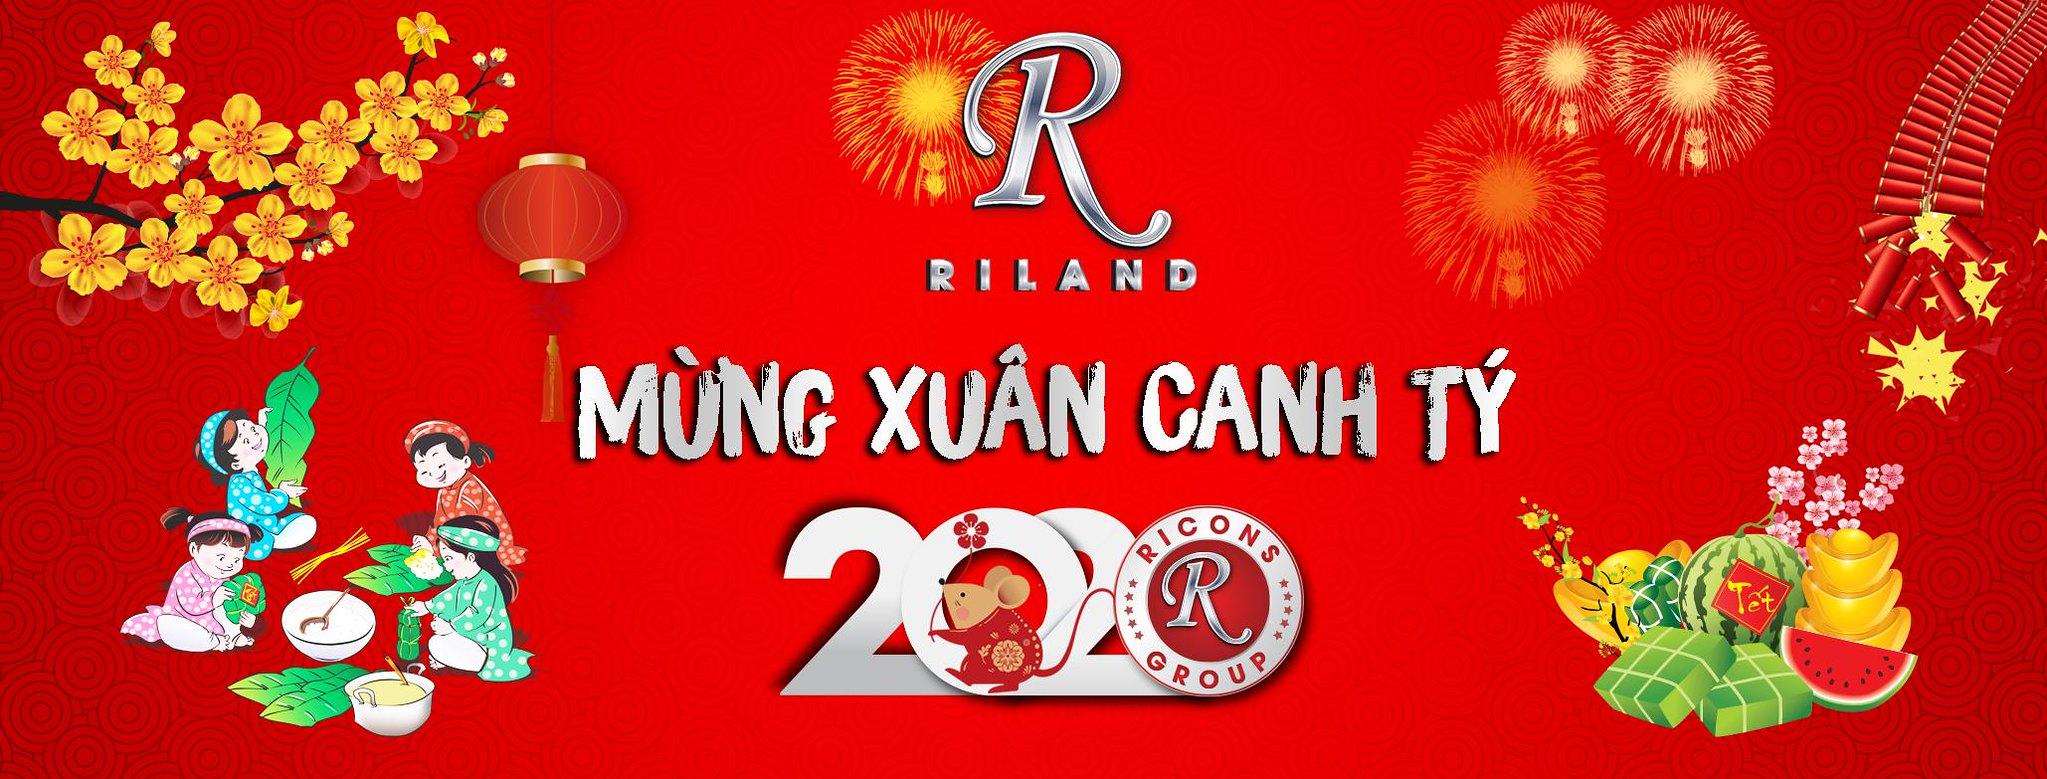 Riland thông báo lịch nghỉ Tết Nguyên Đán Canh Tý 2020